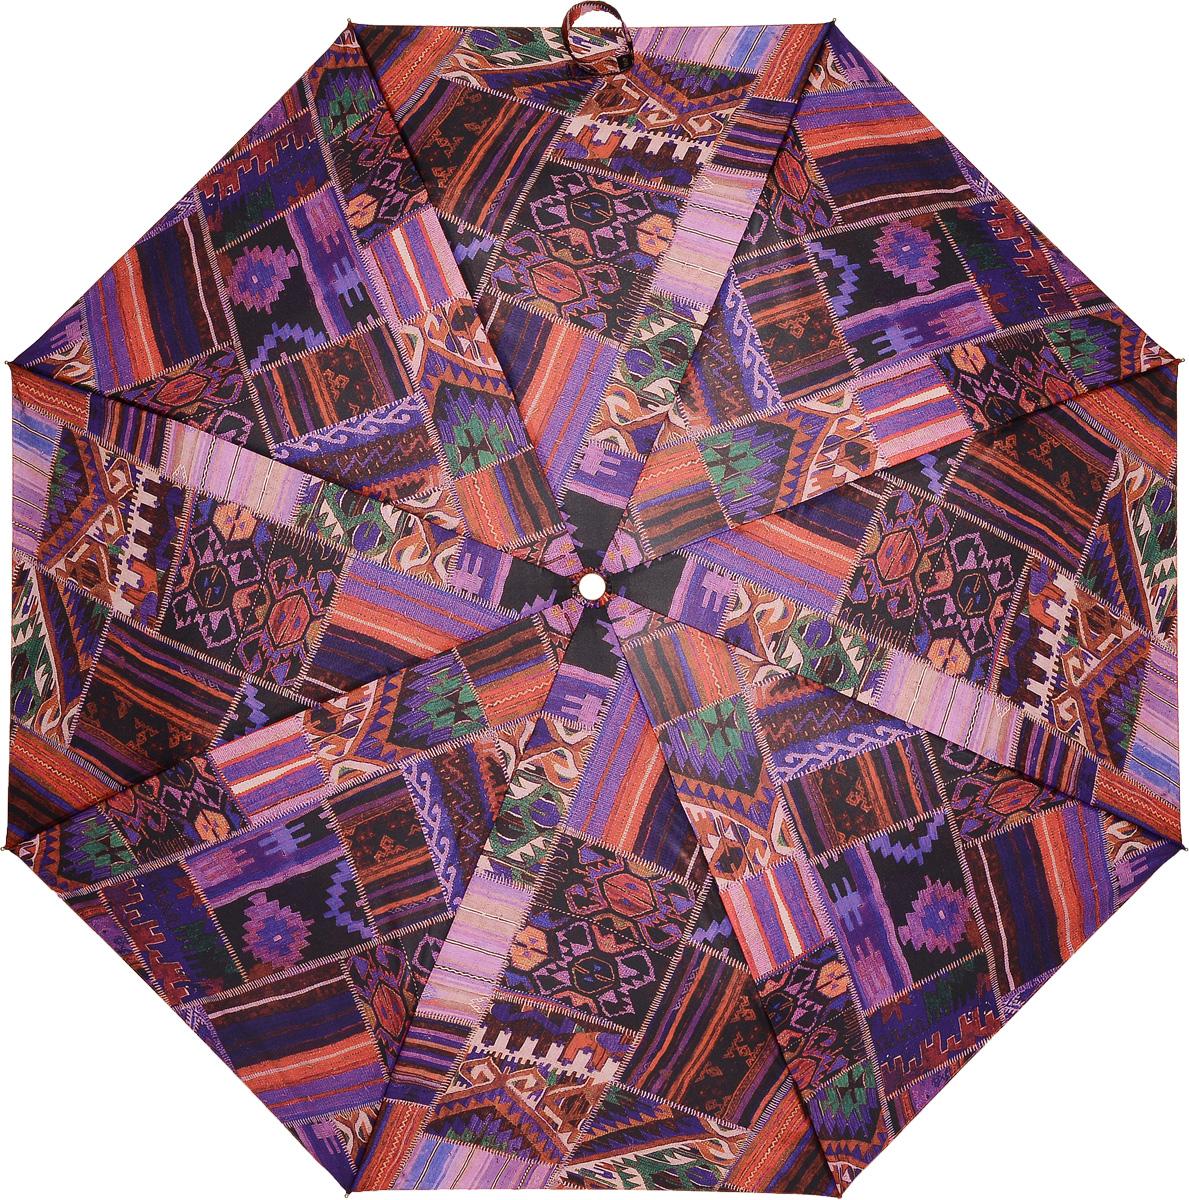 M&P 5867-3 Зонт полный автом. 3 сл. жен.REM12-CAM-GREENBLACKЗонт испанского производителя Clima. В производстве зонтов используются современные материалы, что делает зонты легкими, но в то же время крепкими.Полный автомат, 3 сложения, 7 спиц, полиэстер.